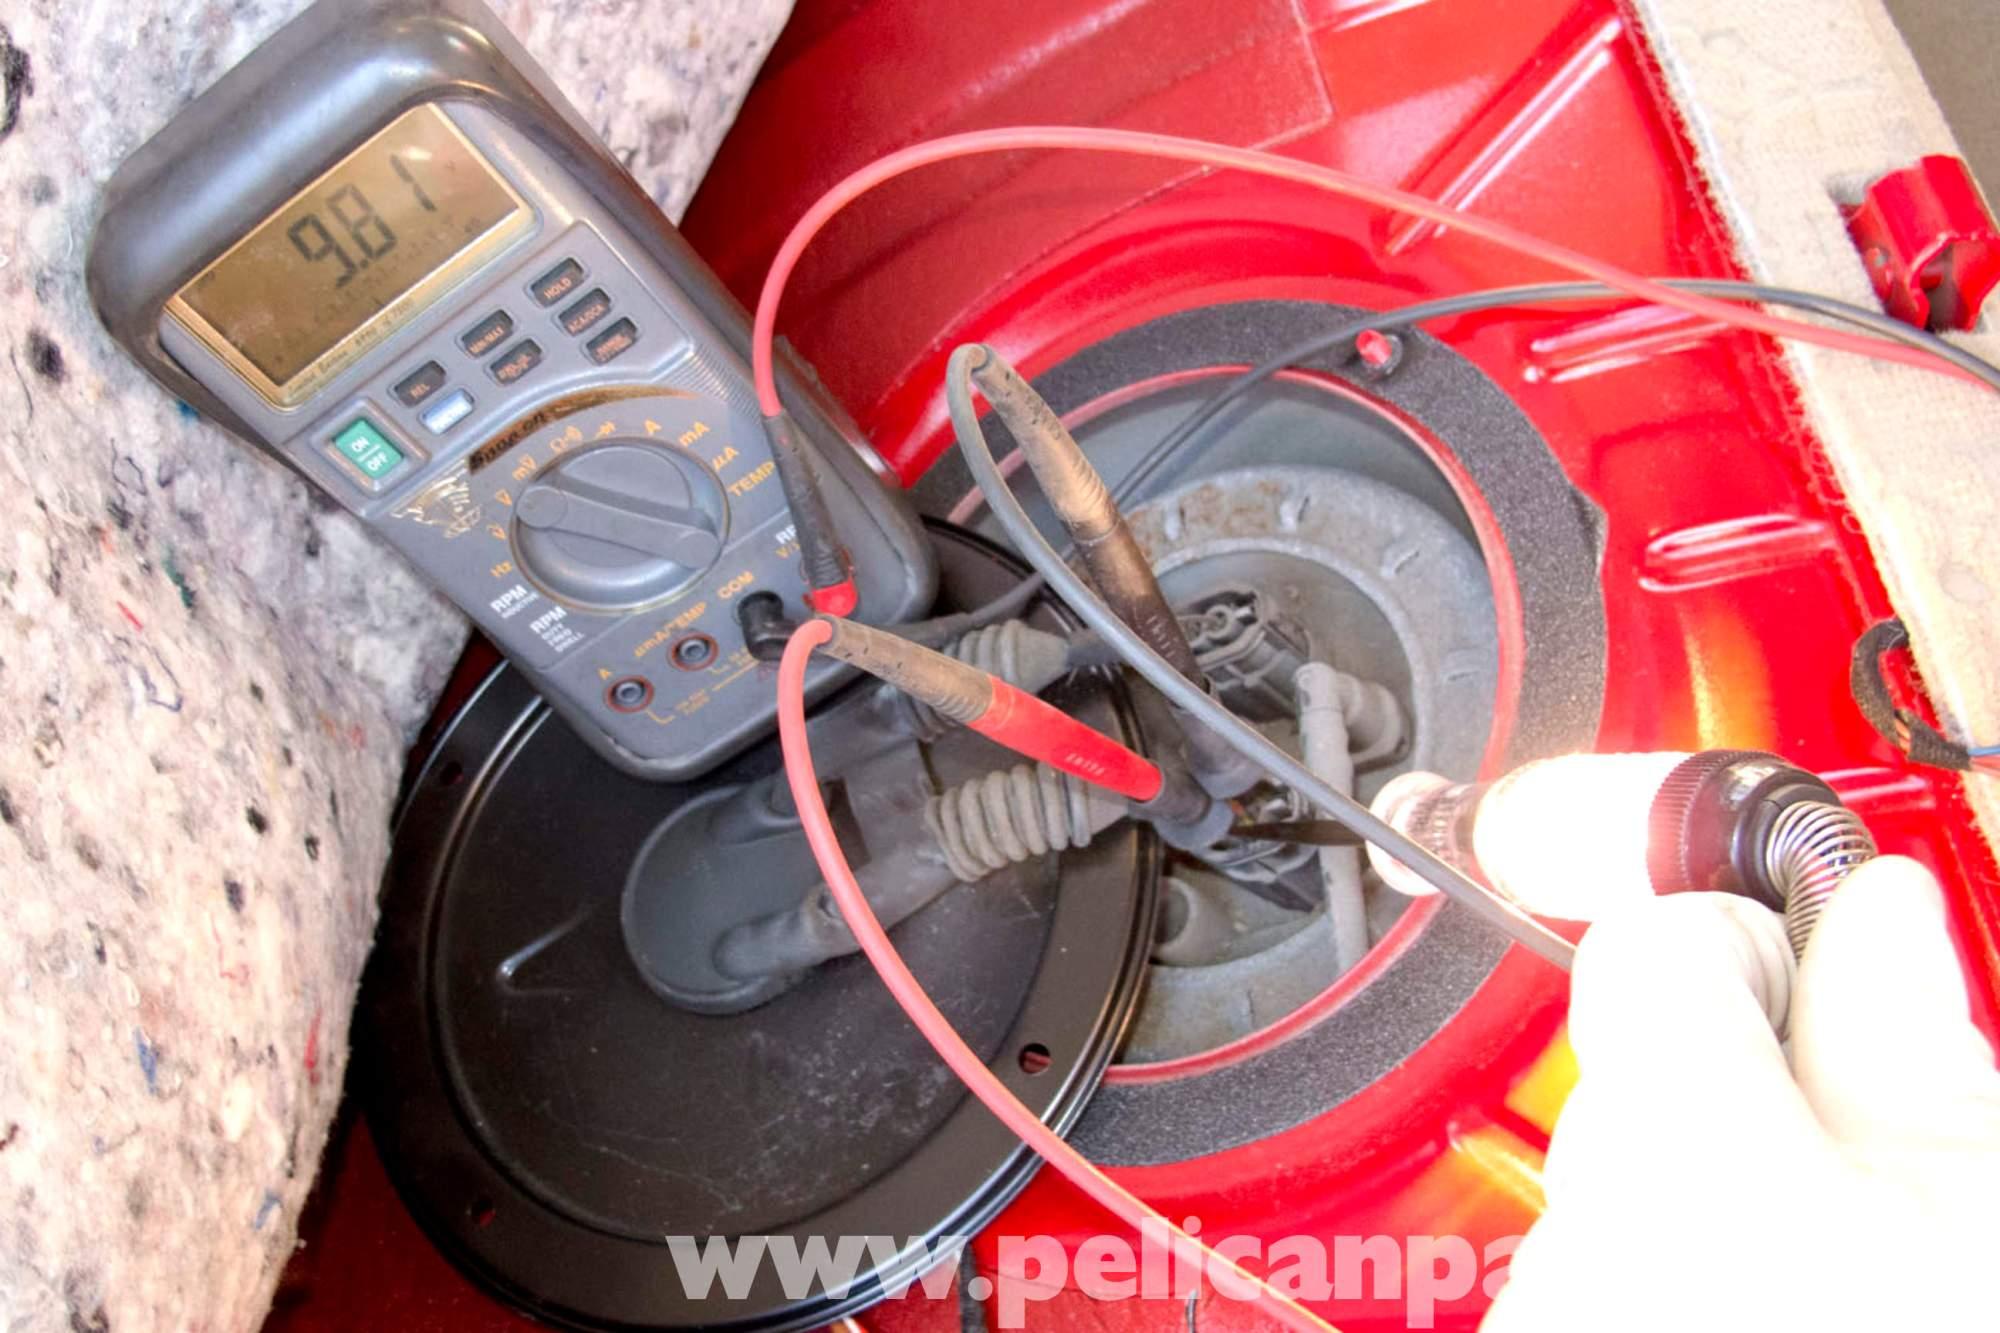 hight resolution of bmw e90 fuel pump testing e91 e92 e93 pelican parts diy bmw e90 fuel system diagram